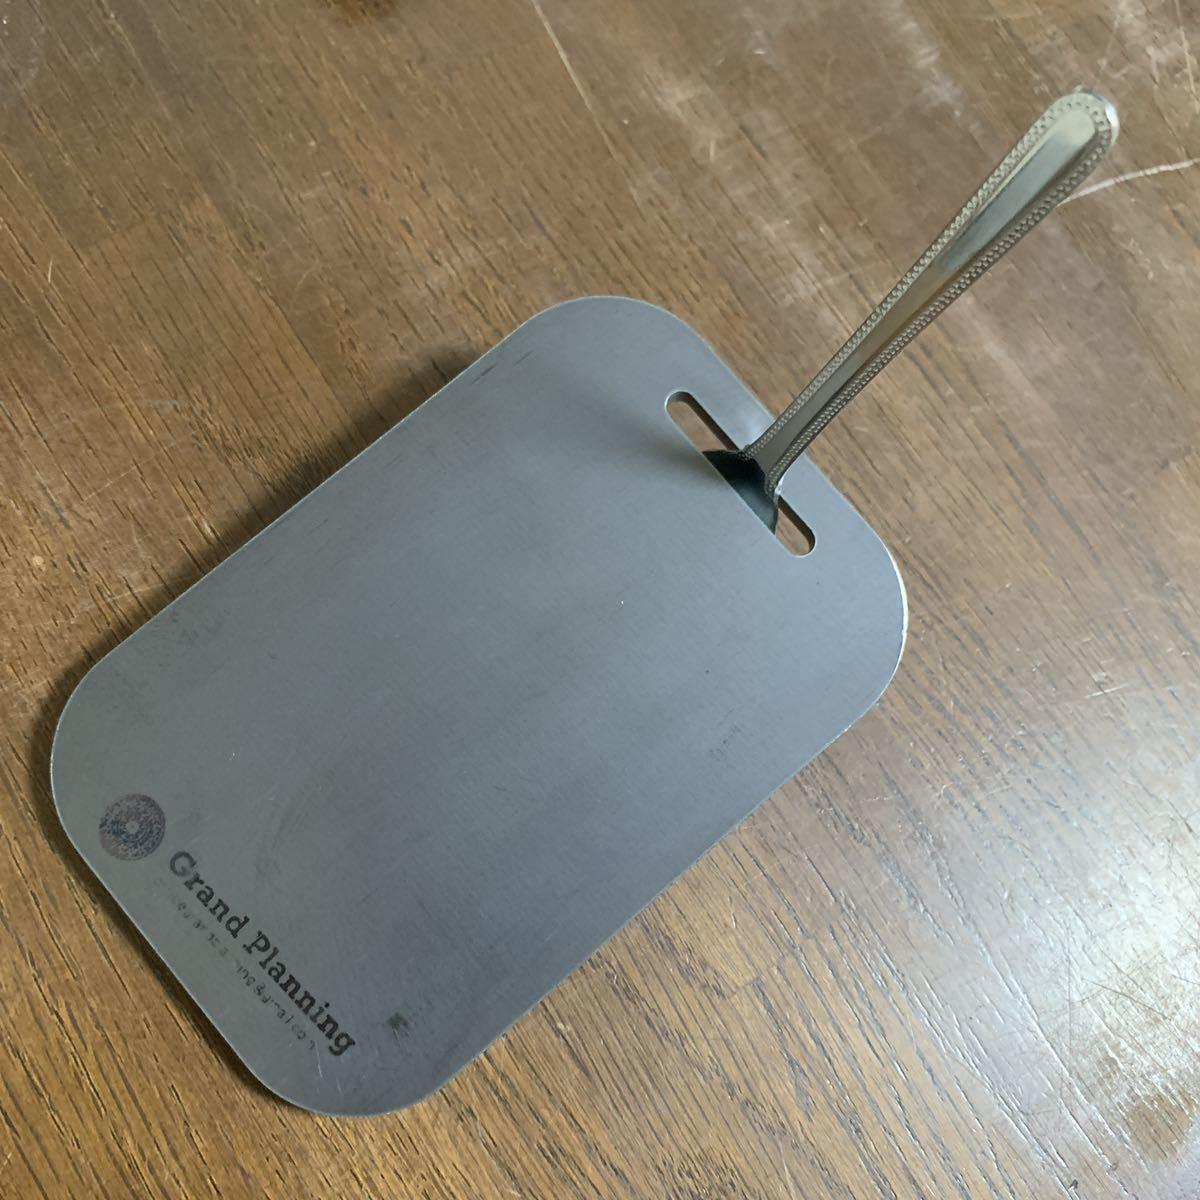 ソロキャンプ ミニ 6ミリ 鉄板 ポケットストーブサイズ メスティン スモール 収納可能 トング ヘラ ネオプレン収納袋付き